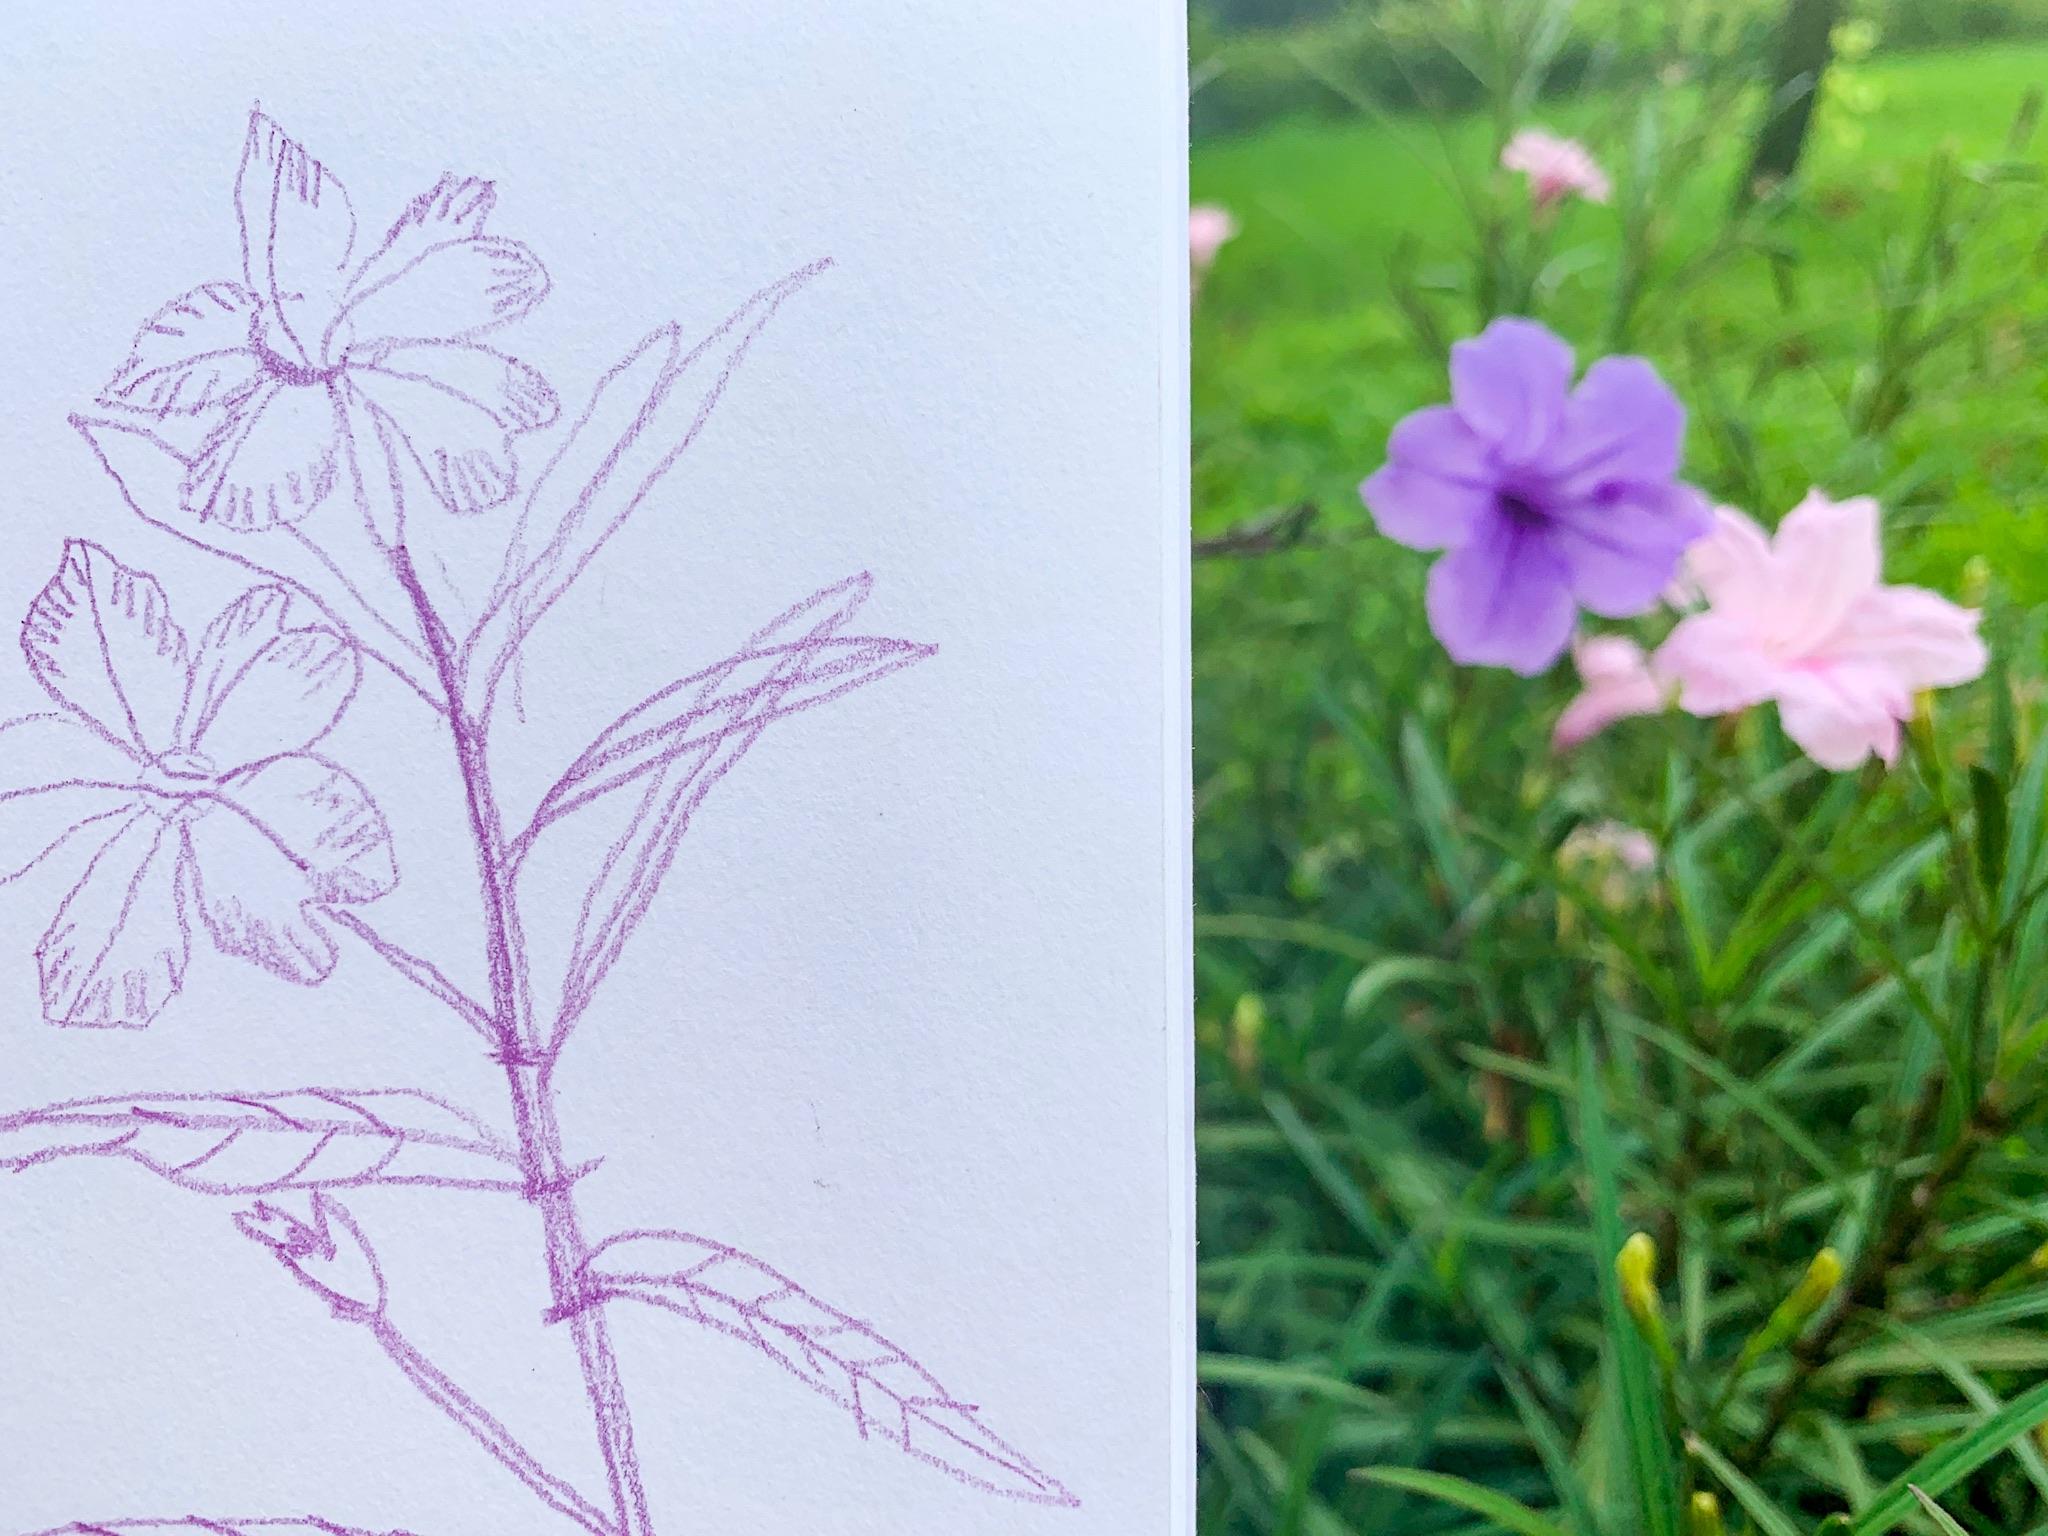 Outdoor sketching in the Garden in Hong Kong | Gina Maldonado - Coco Gigi Design - Illustration and surface design 2.JPG